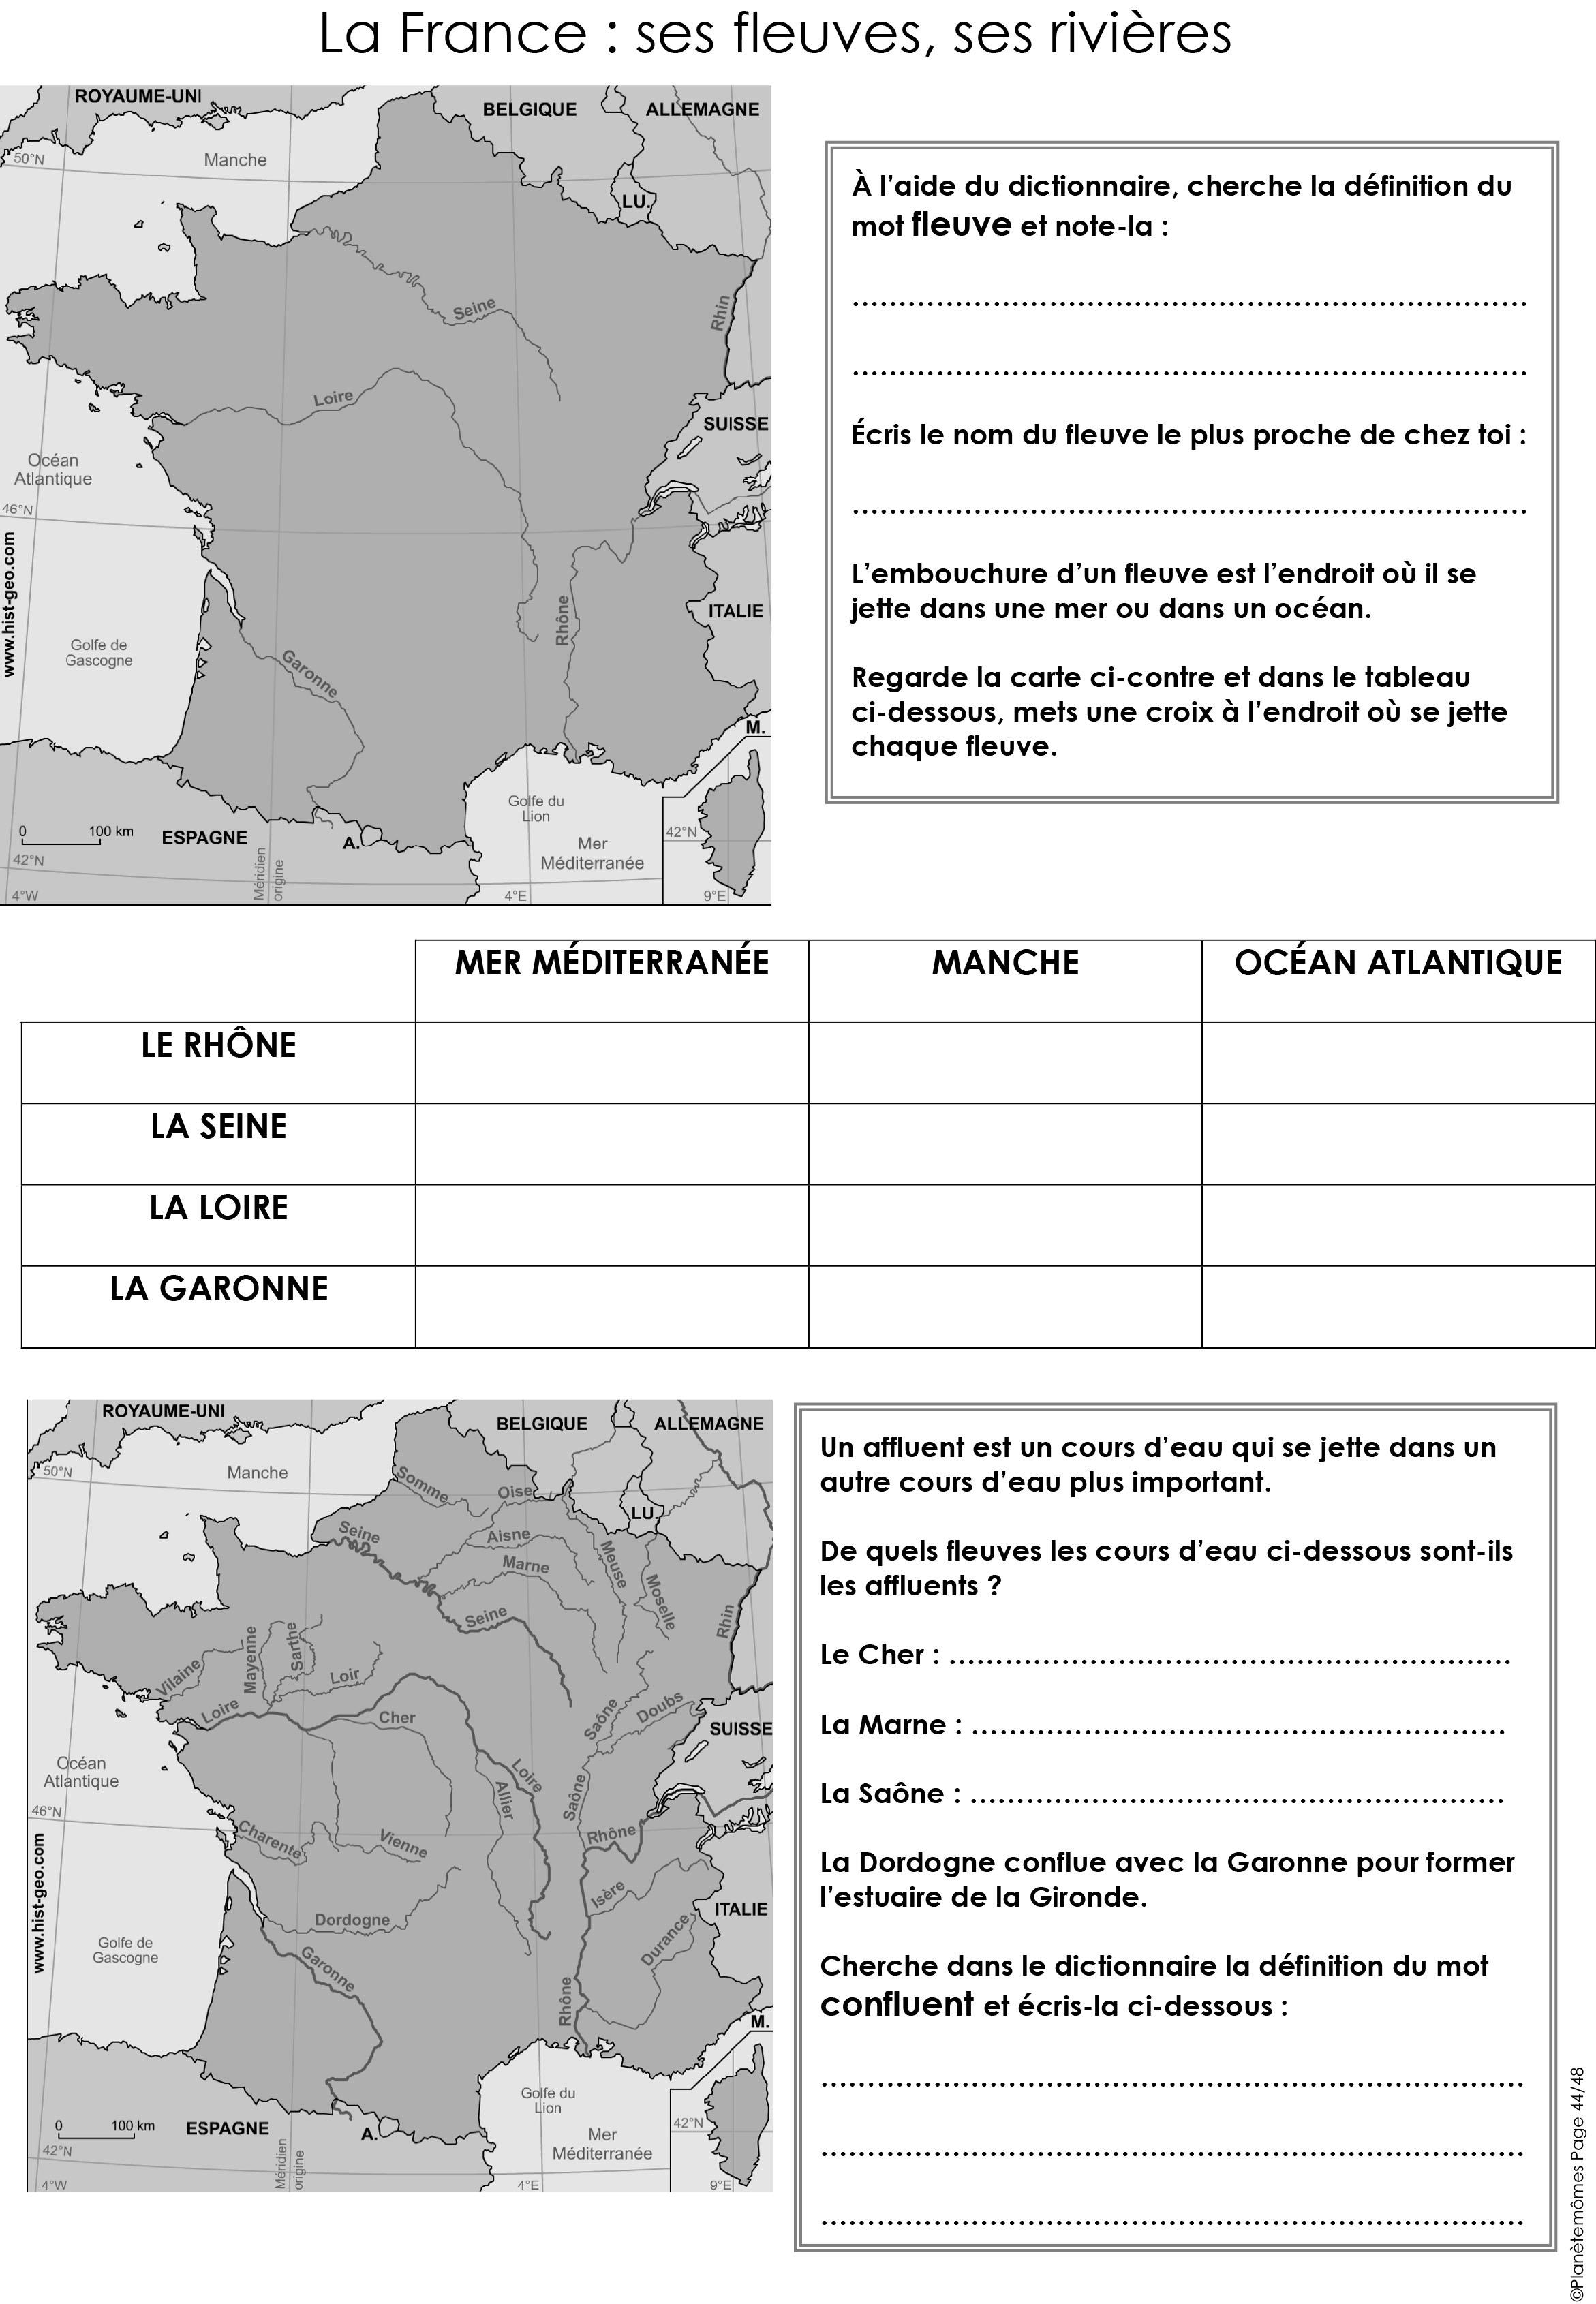 fp_44_la_France_ses_fleuves,_ses_rivières